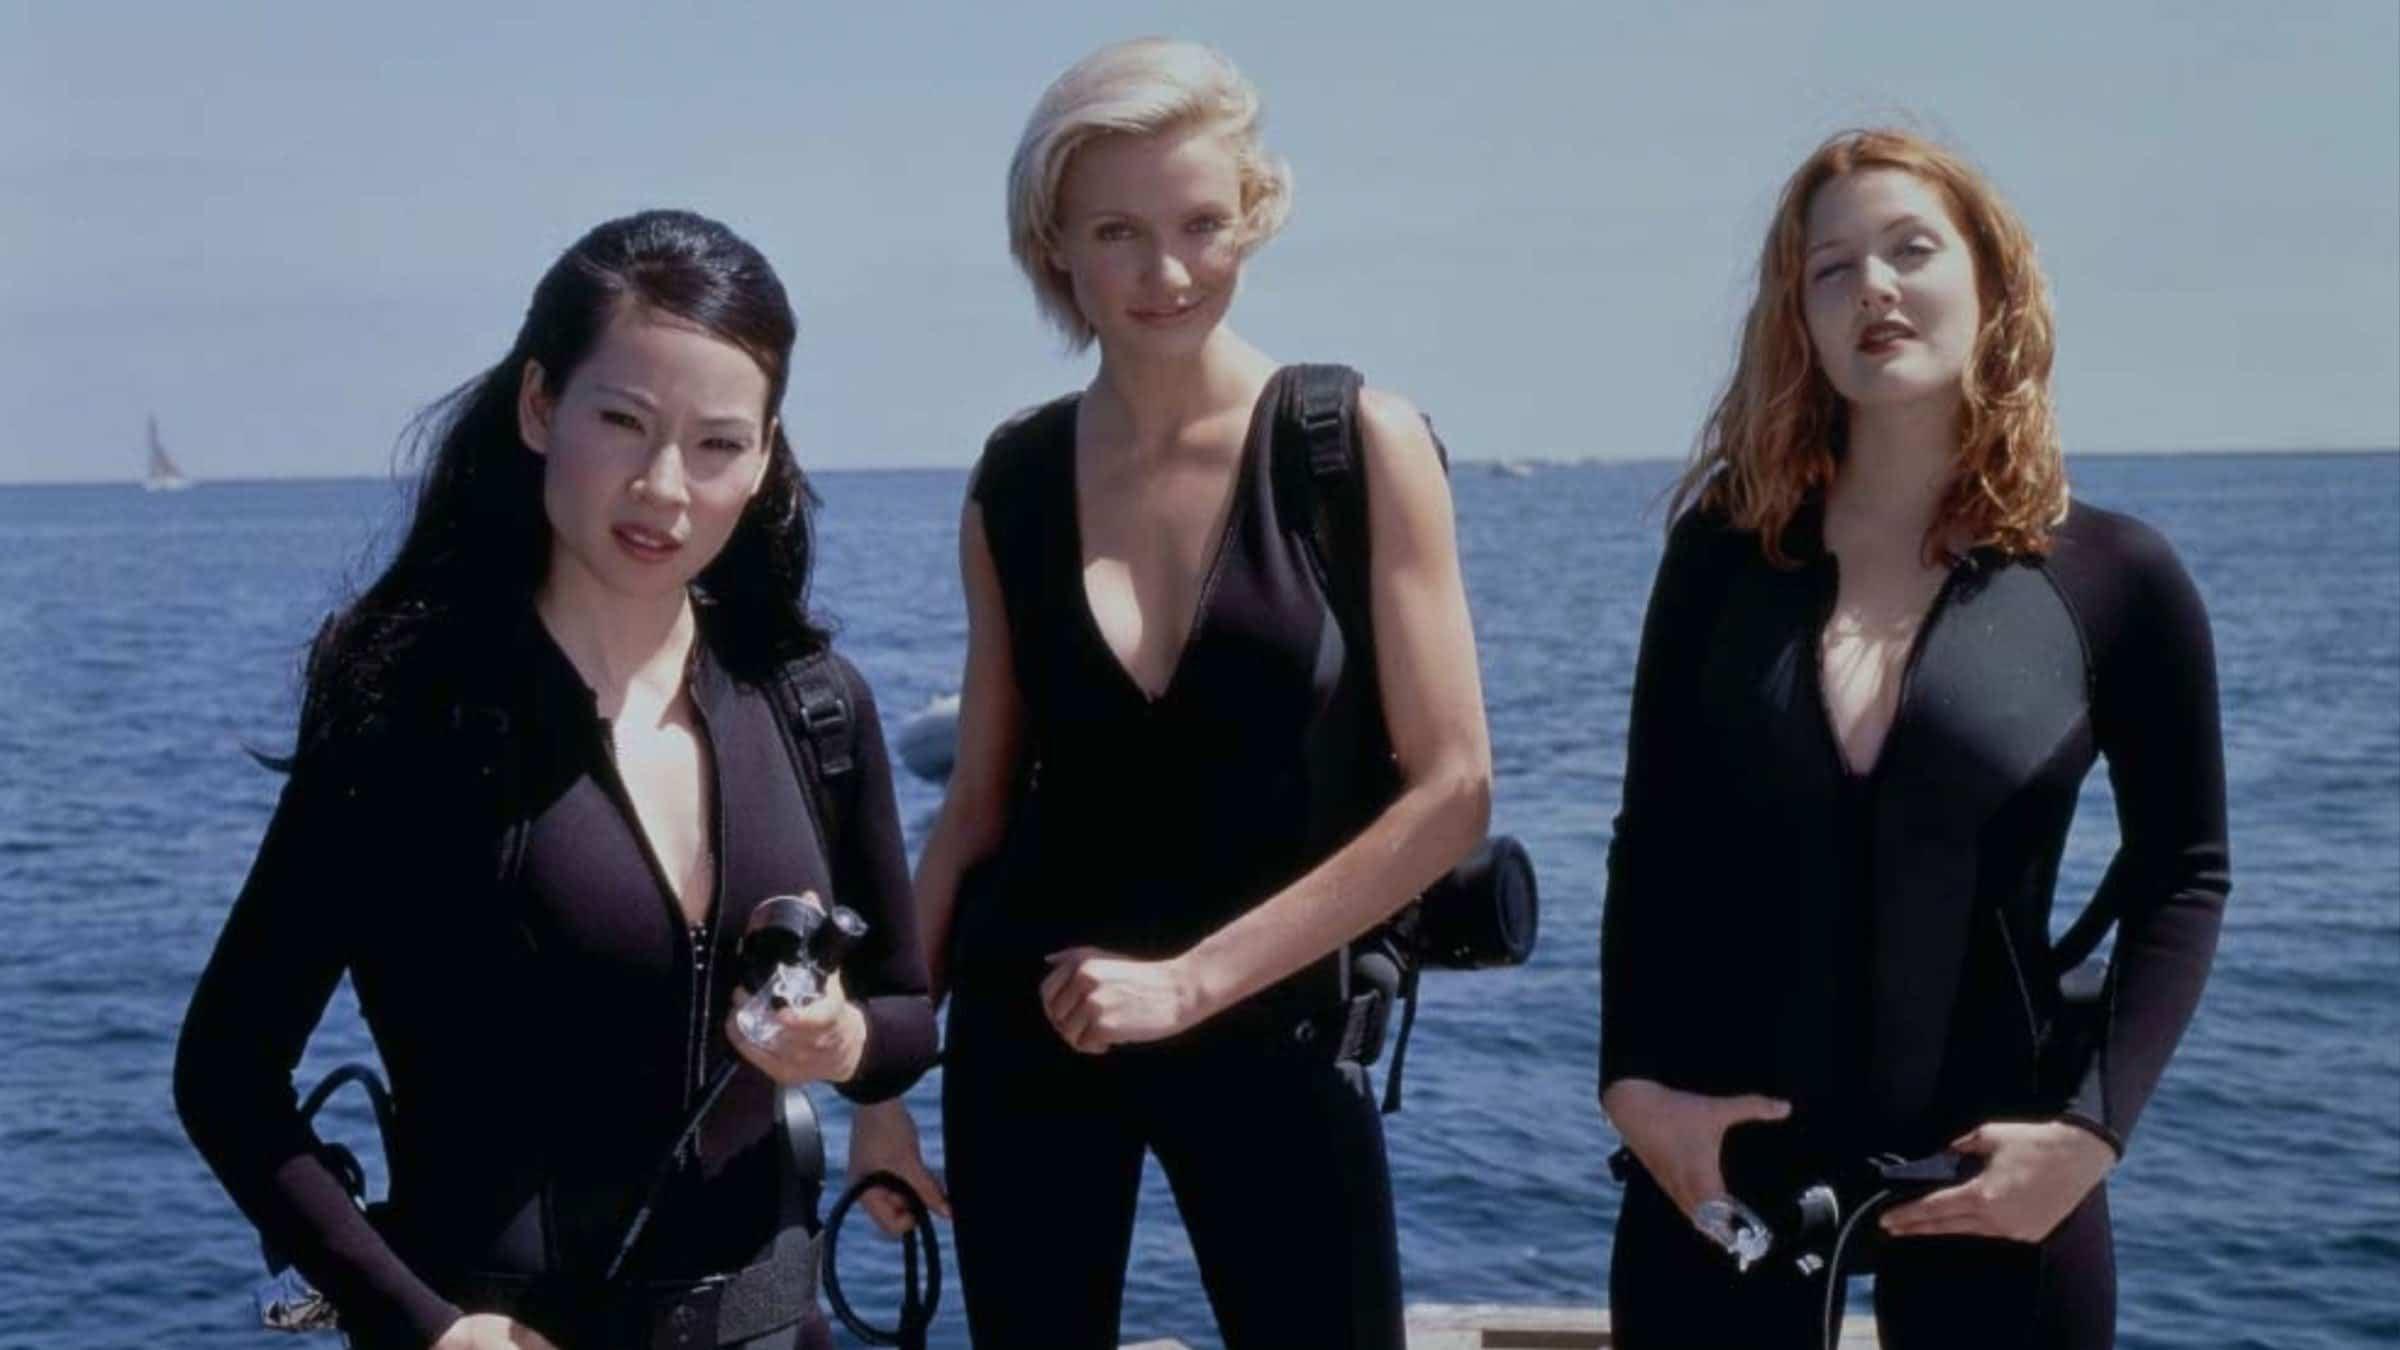 charlie's angels movie 2000